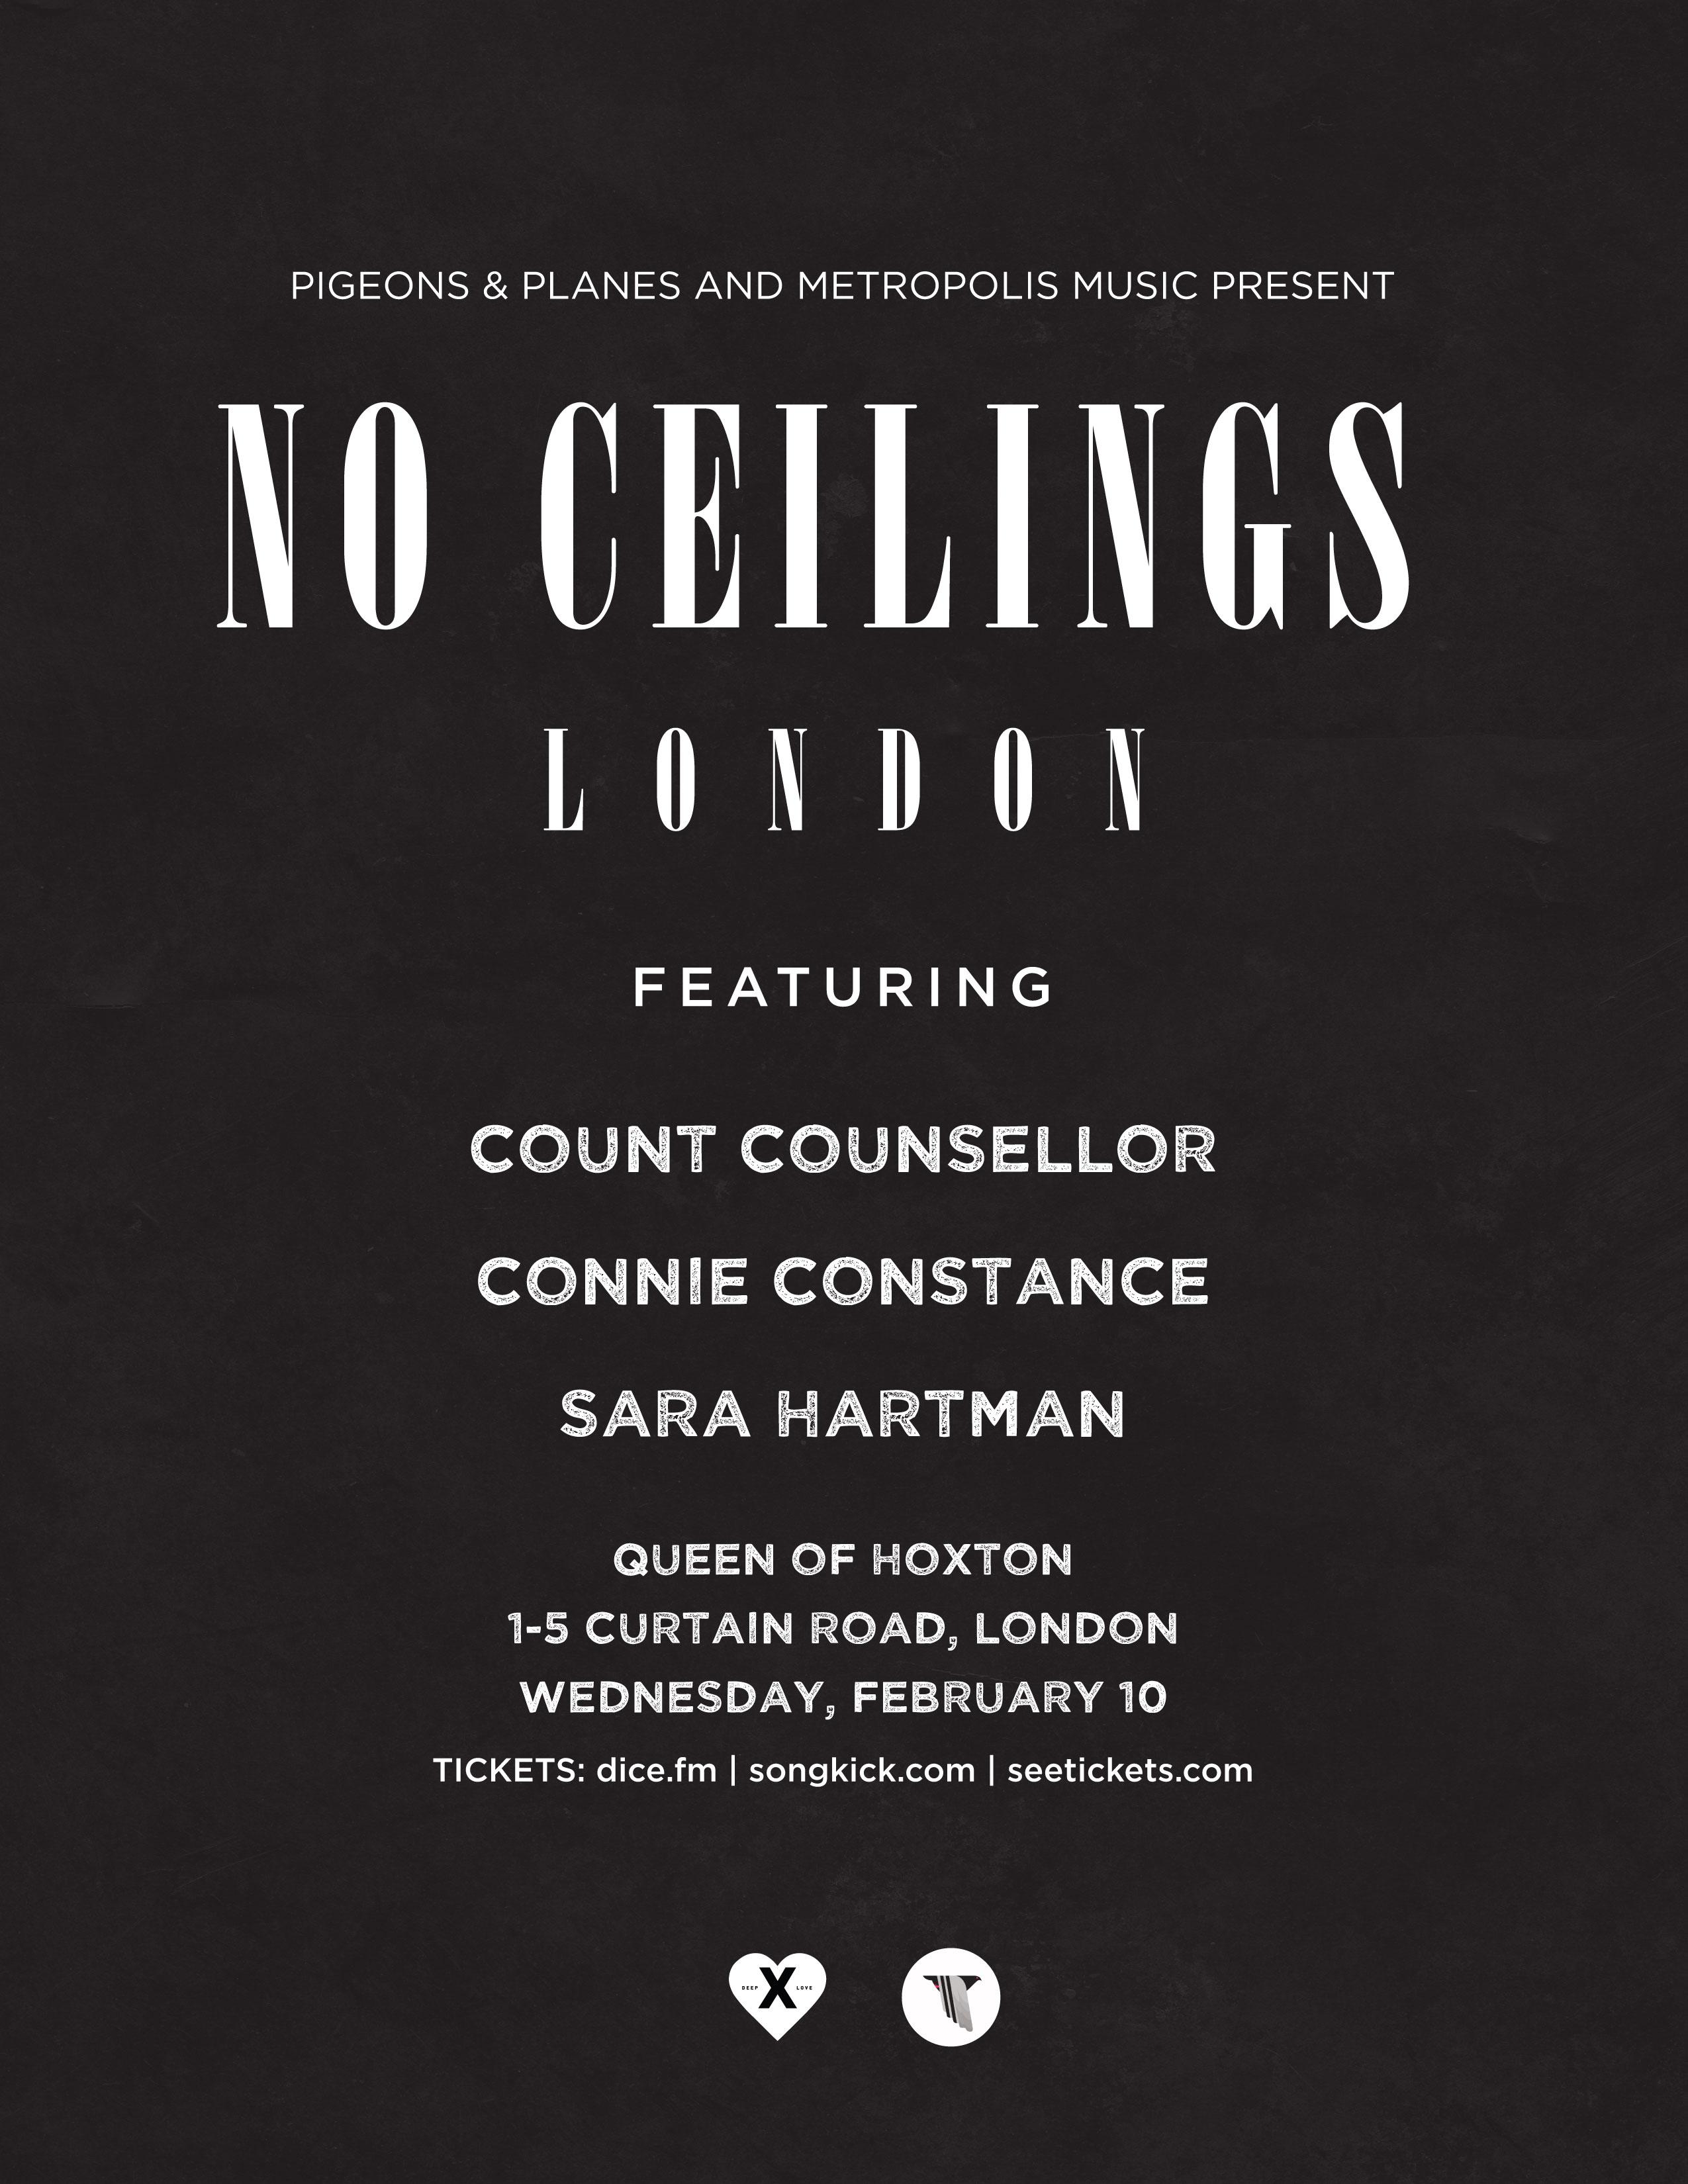 NoCeilings-London-feb